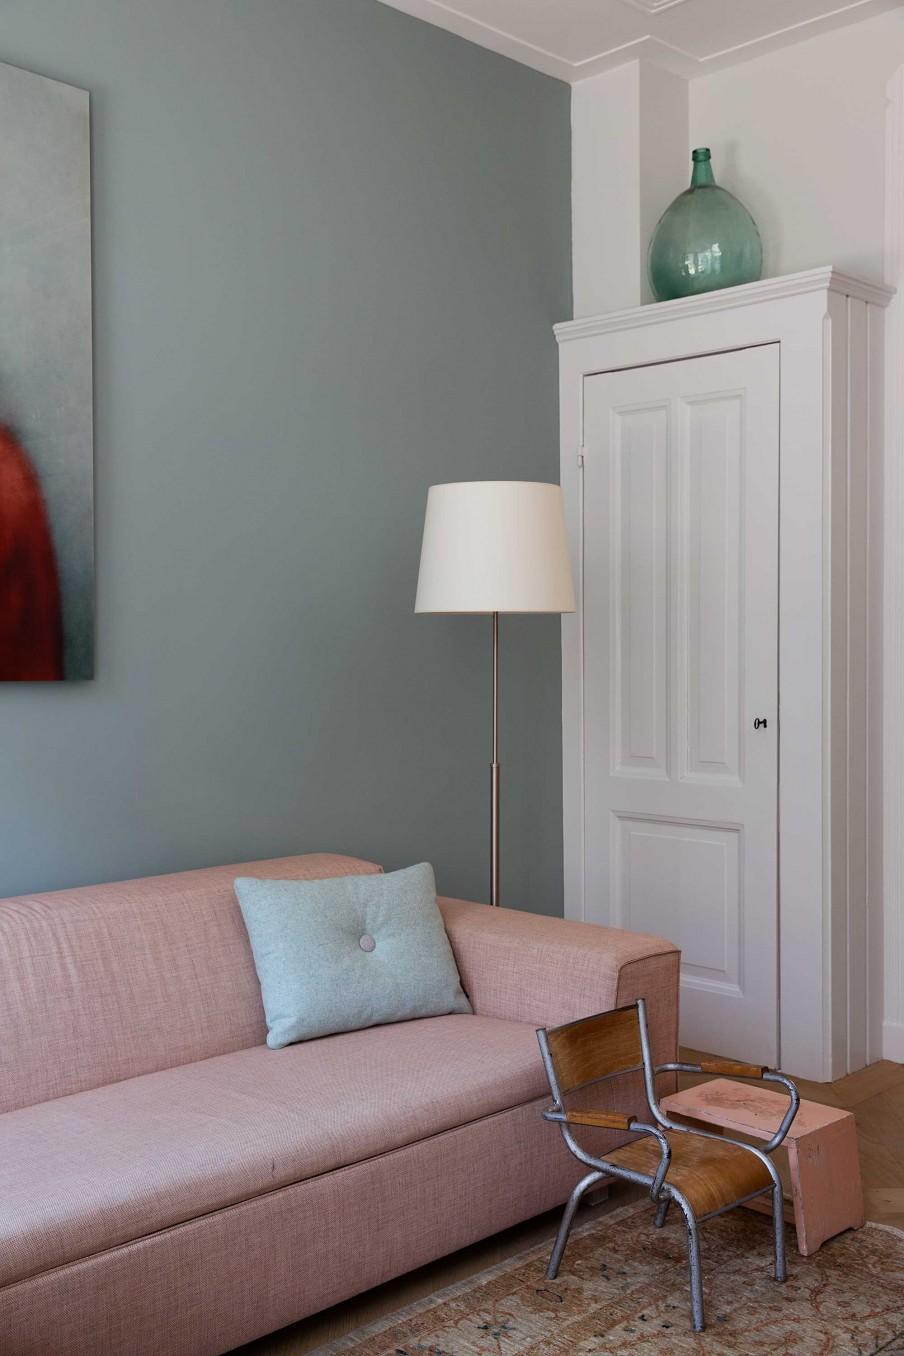 mur gris canapé rose